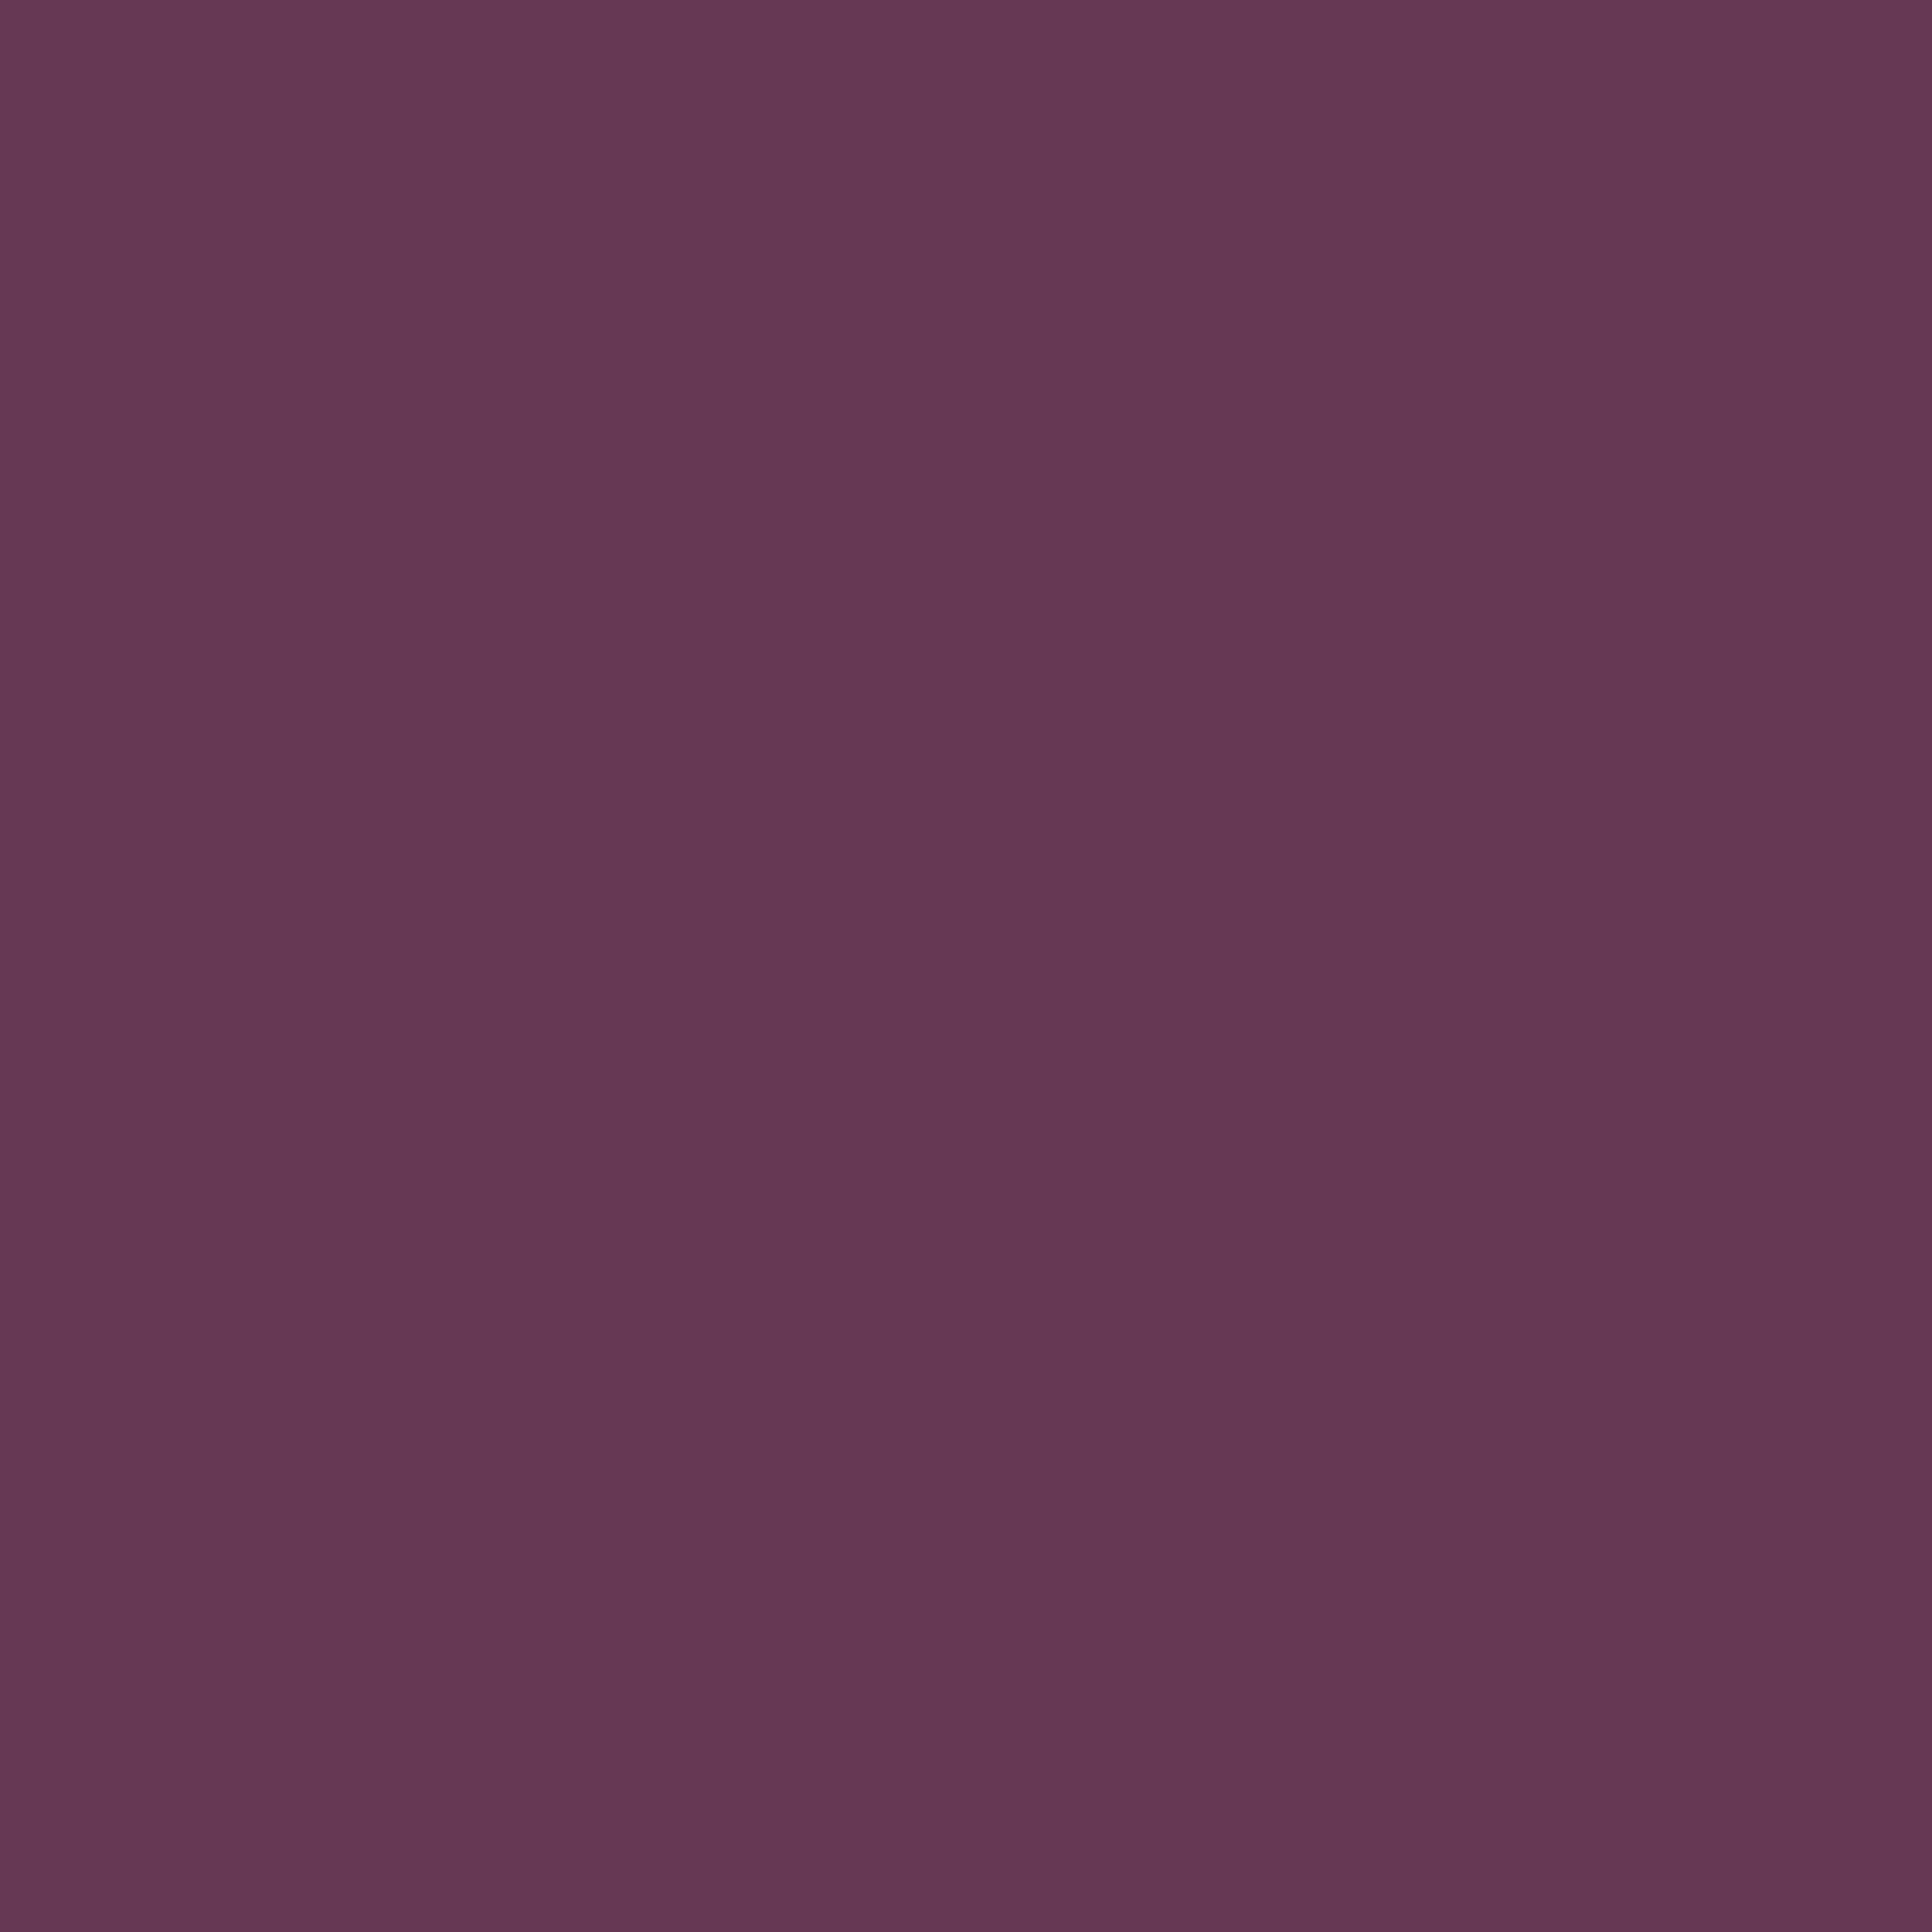 2048x2048 Halaya Ube Solid Color Background